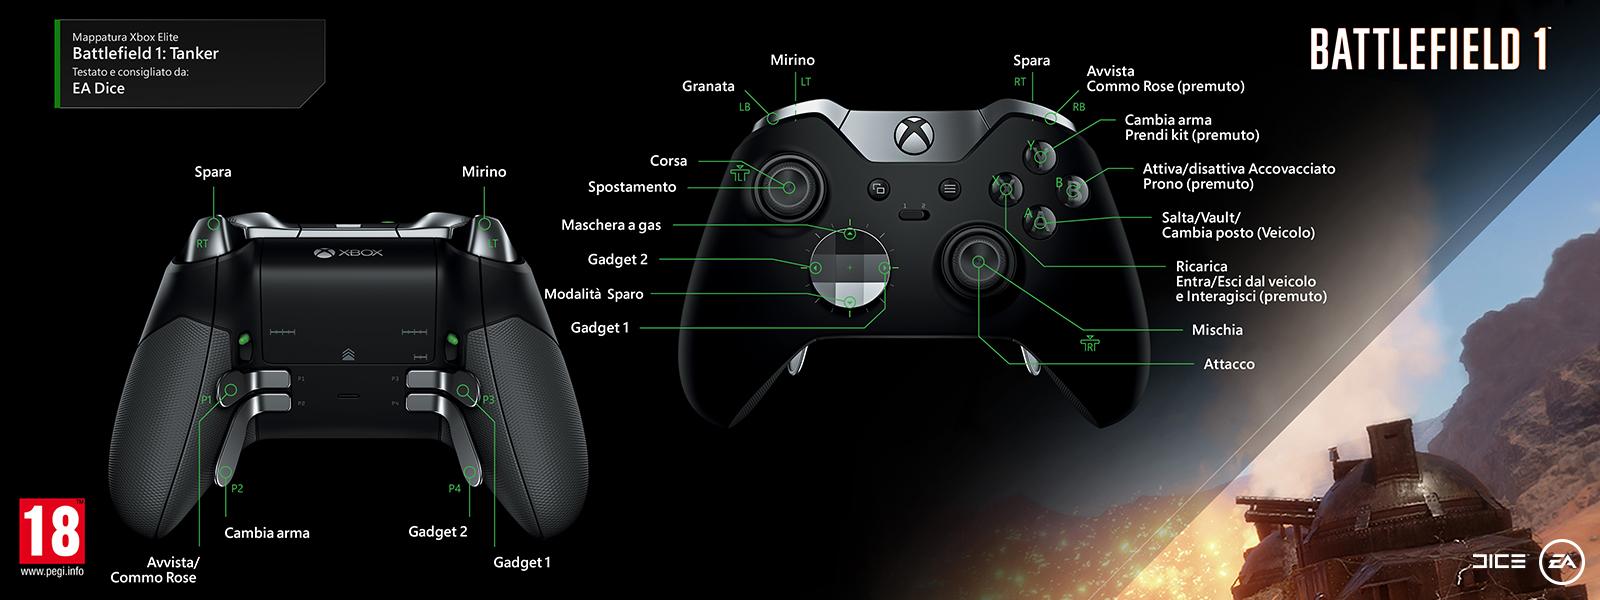 Battlefield 1 – Mappatura Elite per il carrista